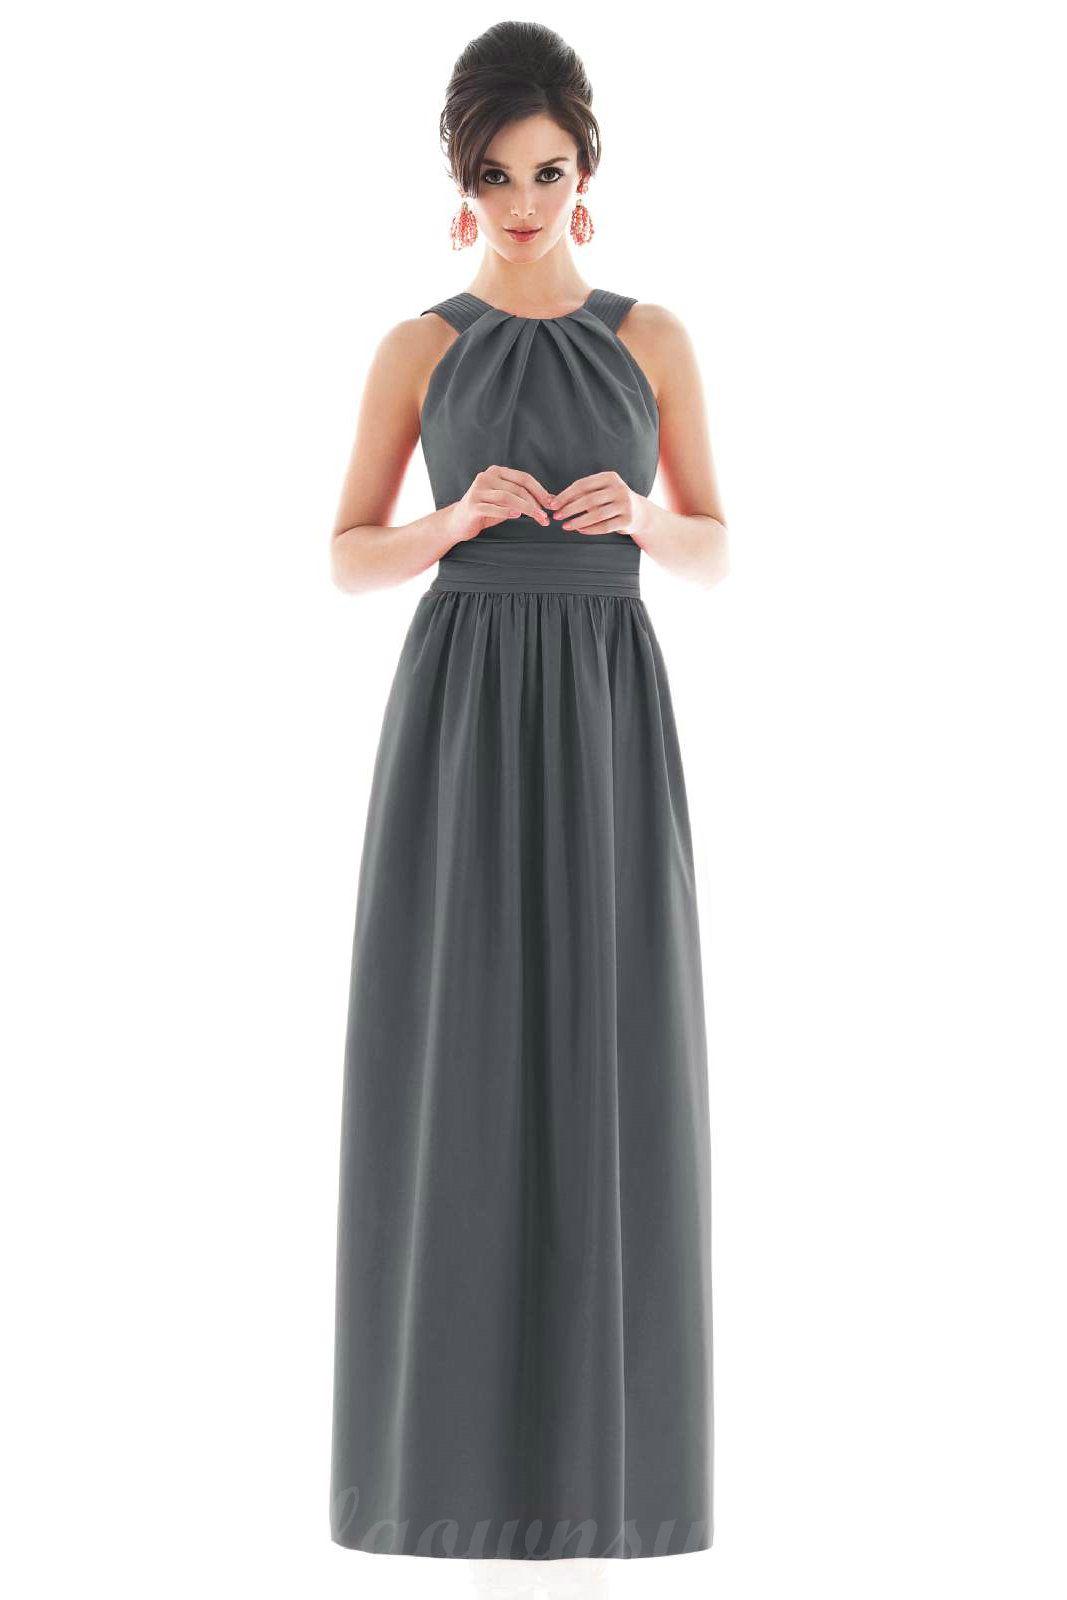 628b1d998 Vestidos color gris para las damas de tu boda